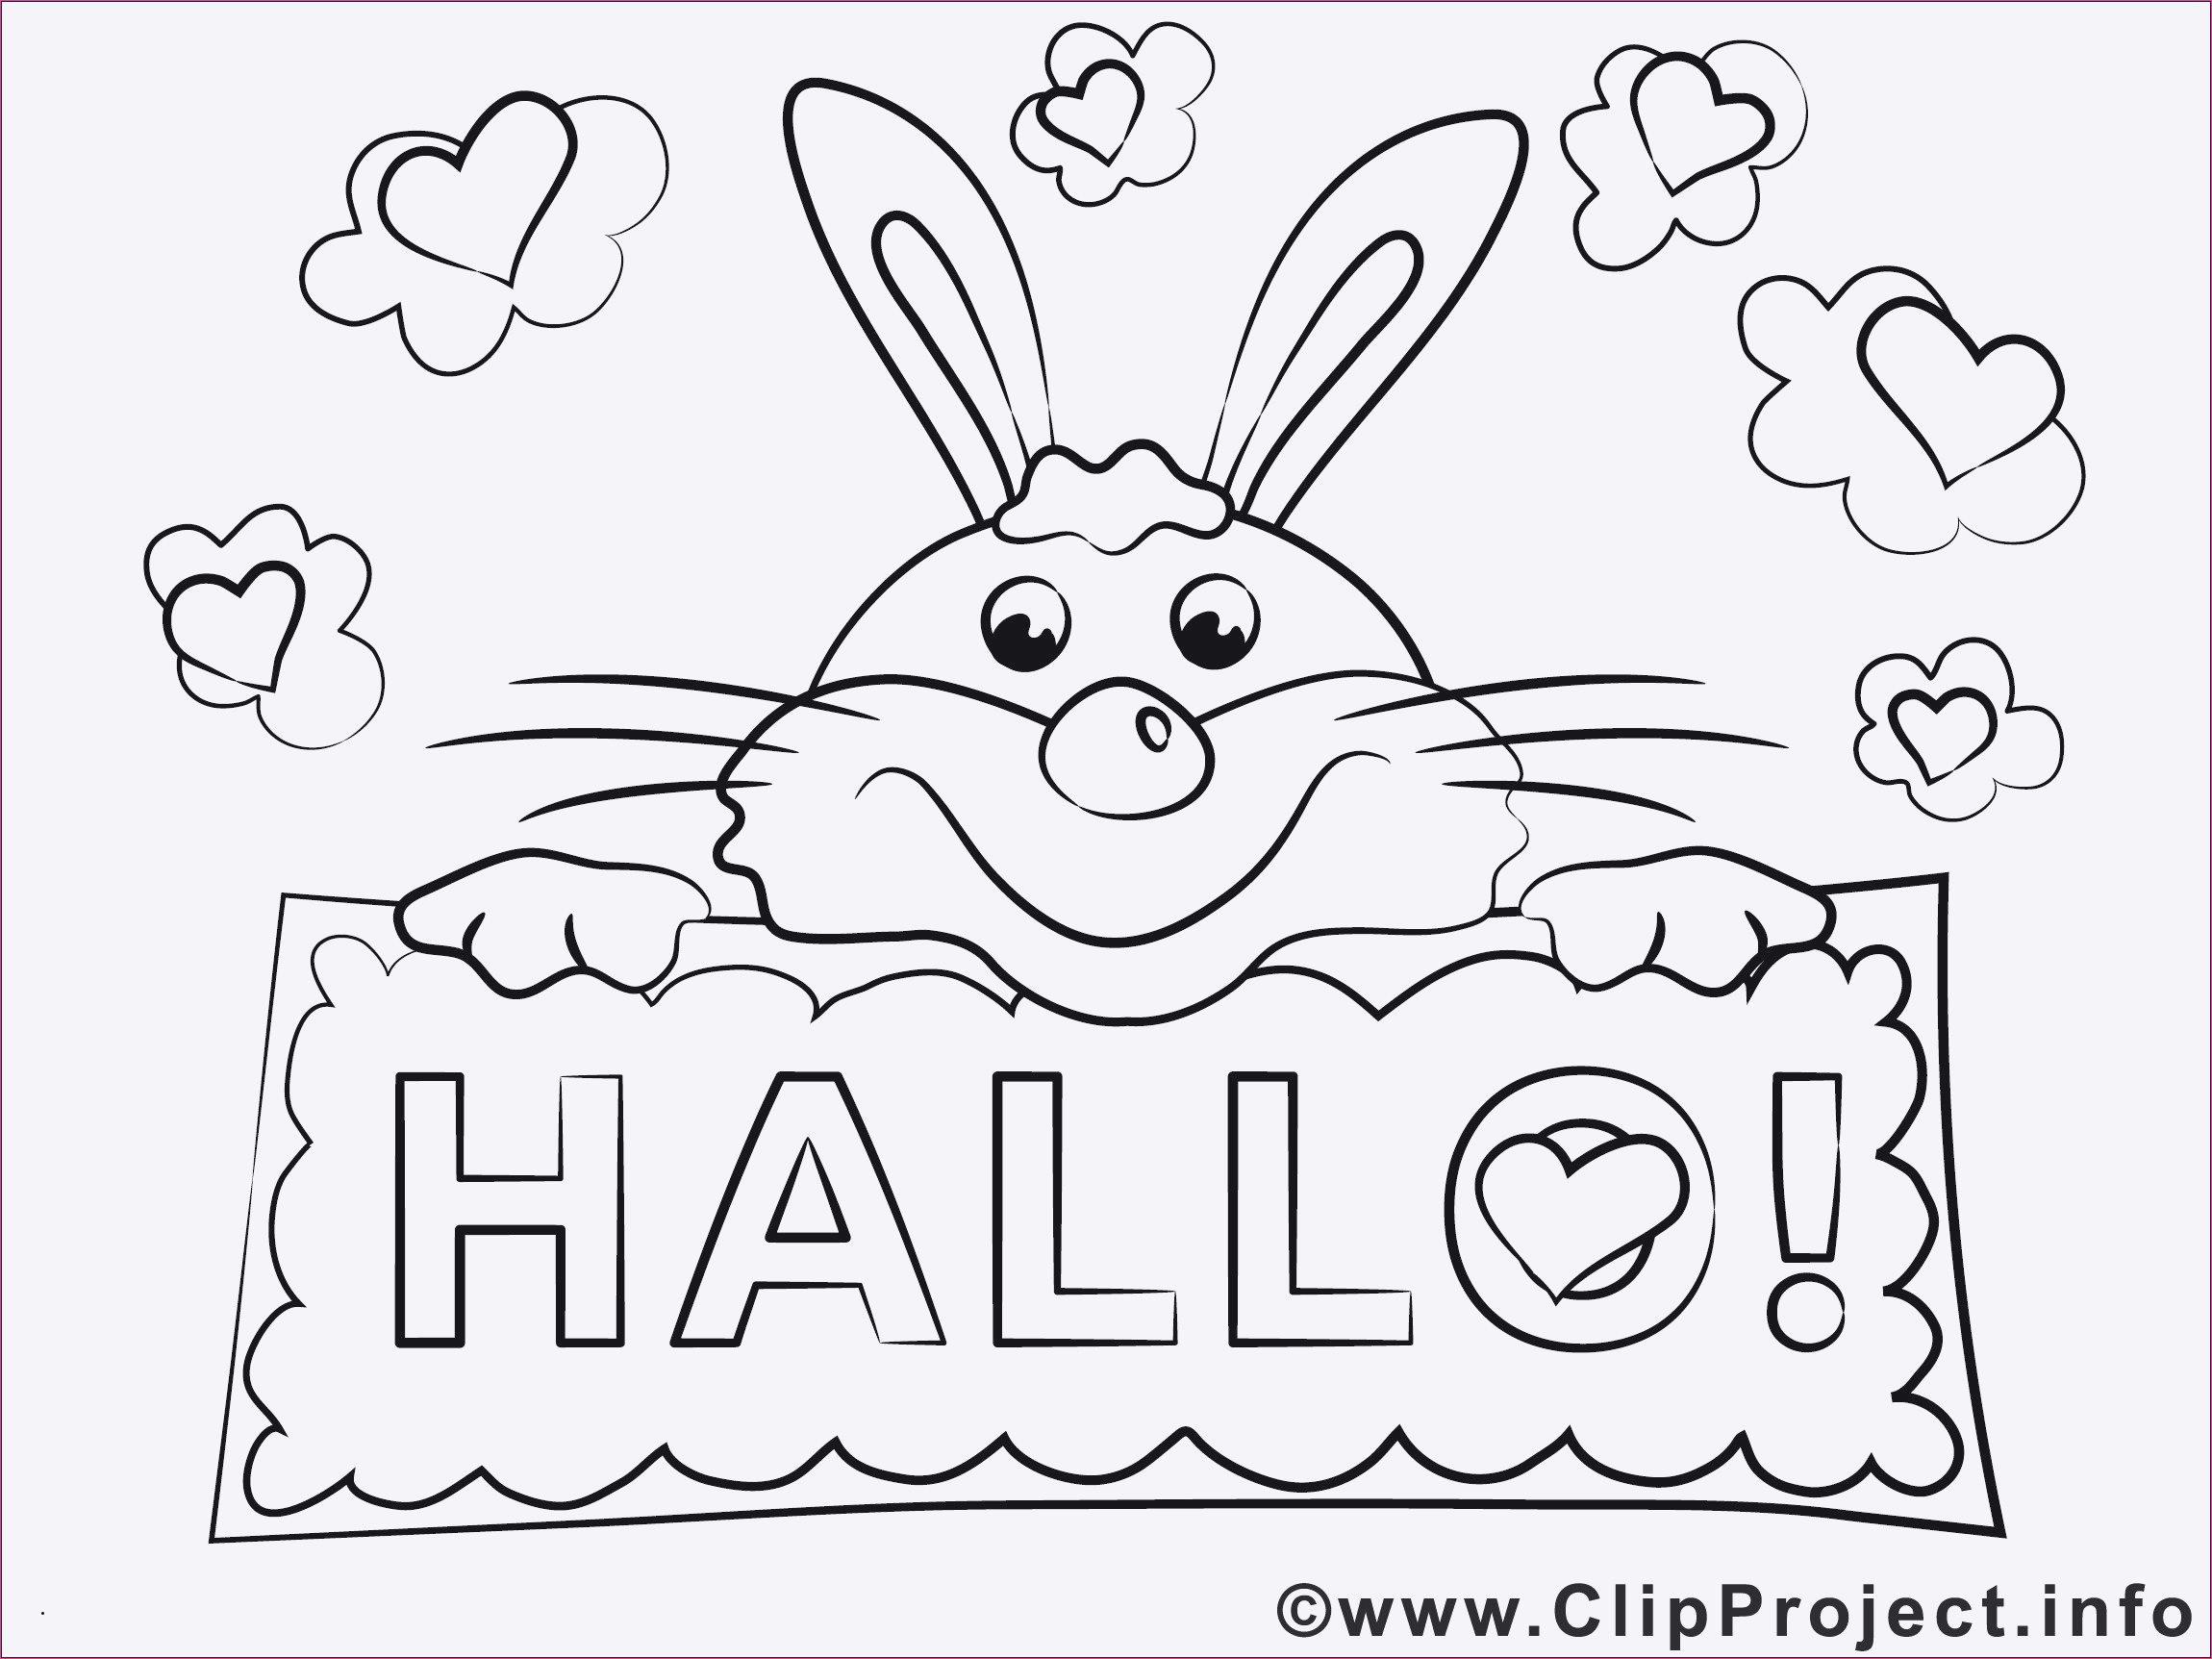 Ausmalbilder Ostern Hase Inspirierend 36 Skizze Hasen Malvorlagen Zum Ausdrucken Treehouse Nyc Fotos